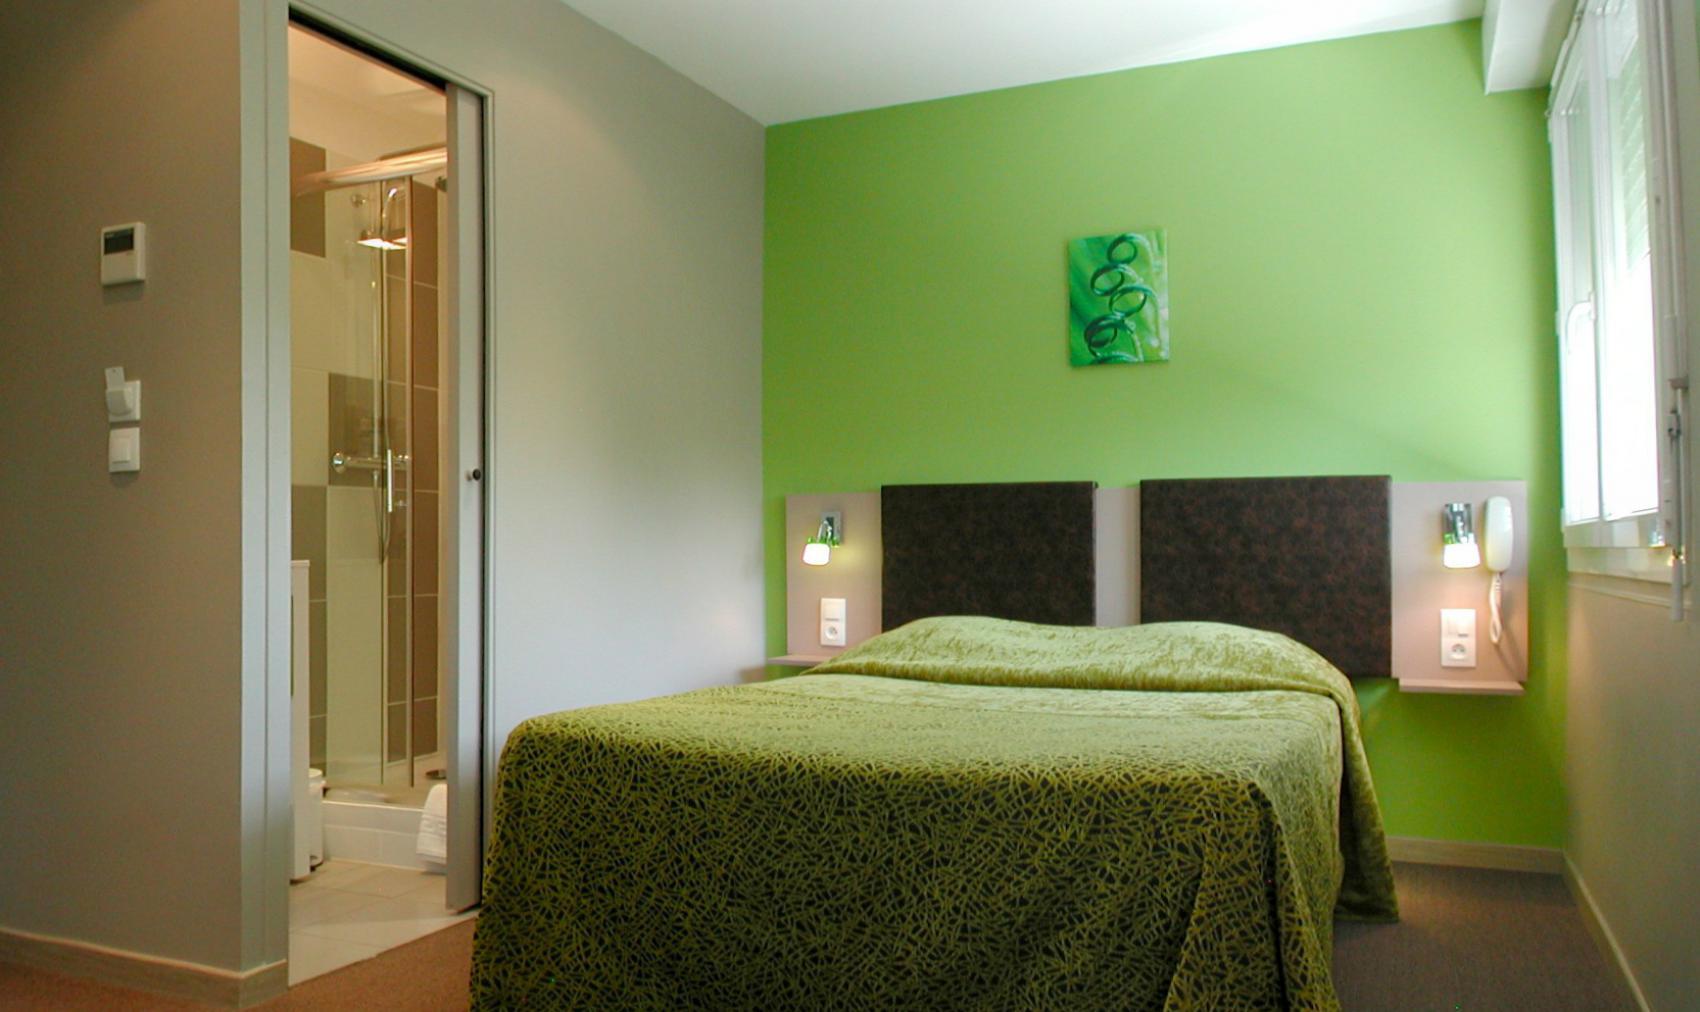 chambre double la rochelle chambres doubles entirement quipes de l htel savary en centre